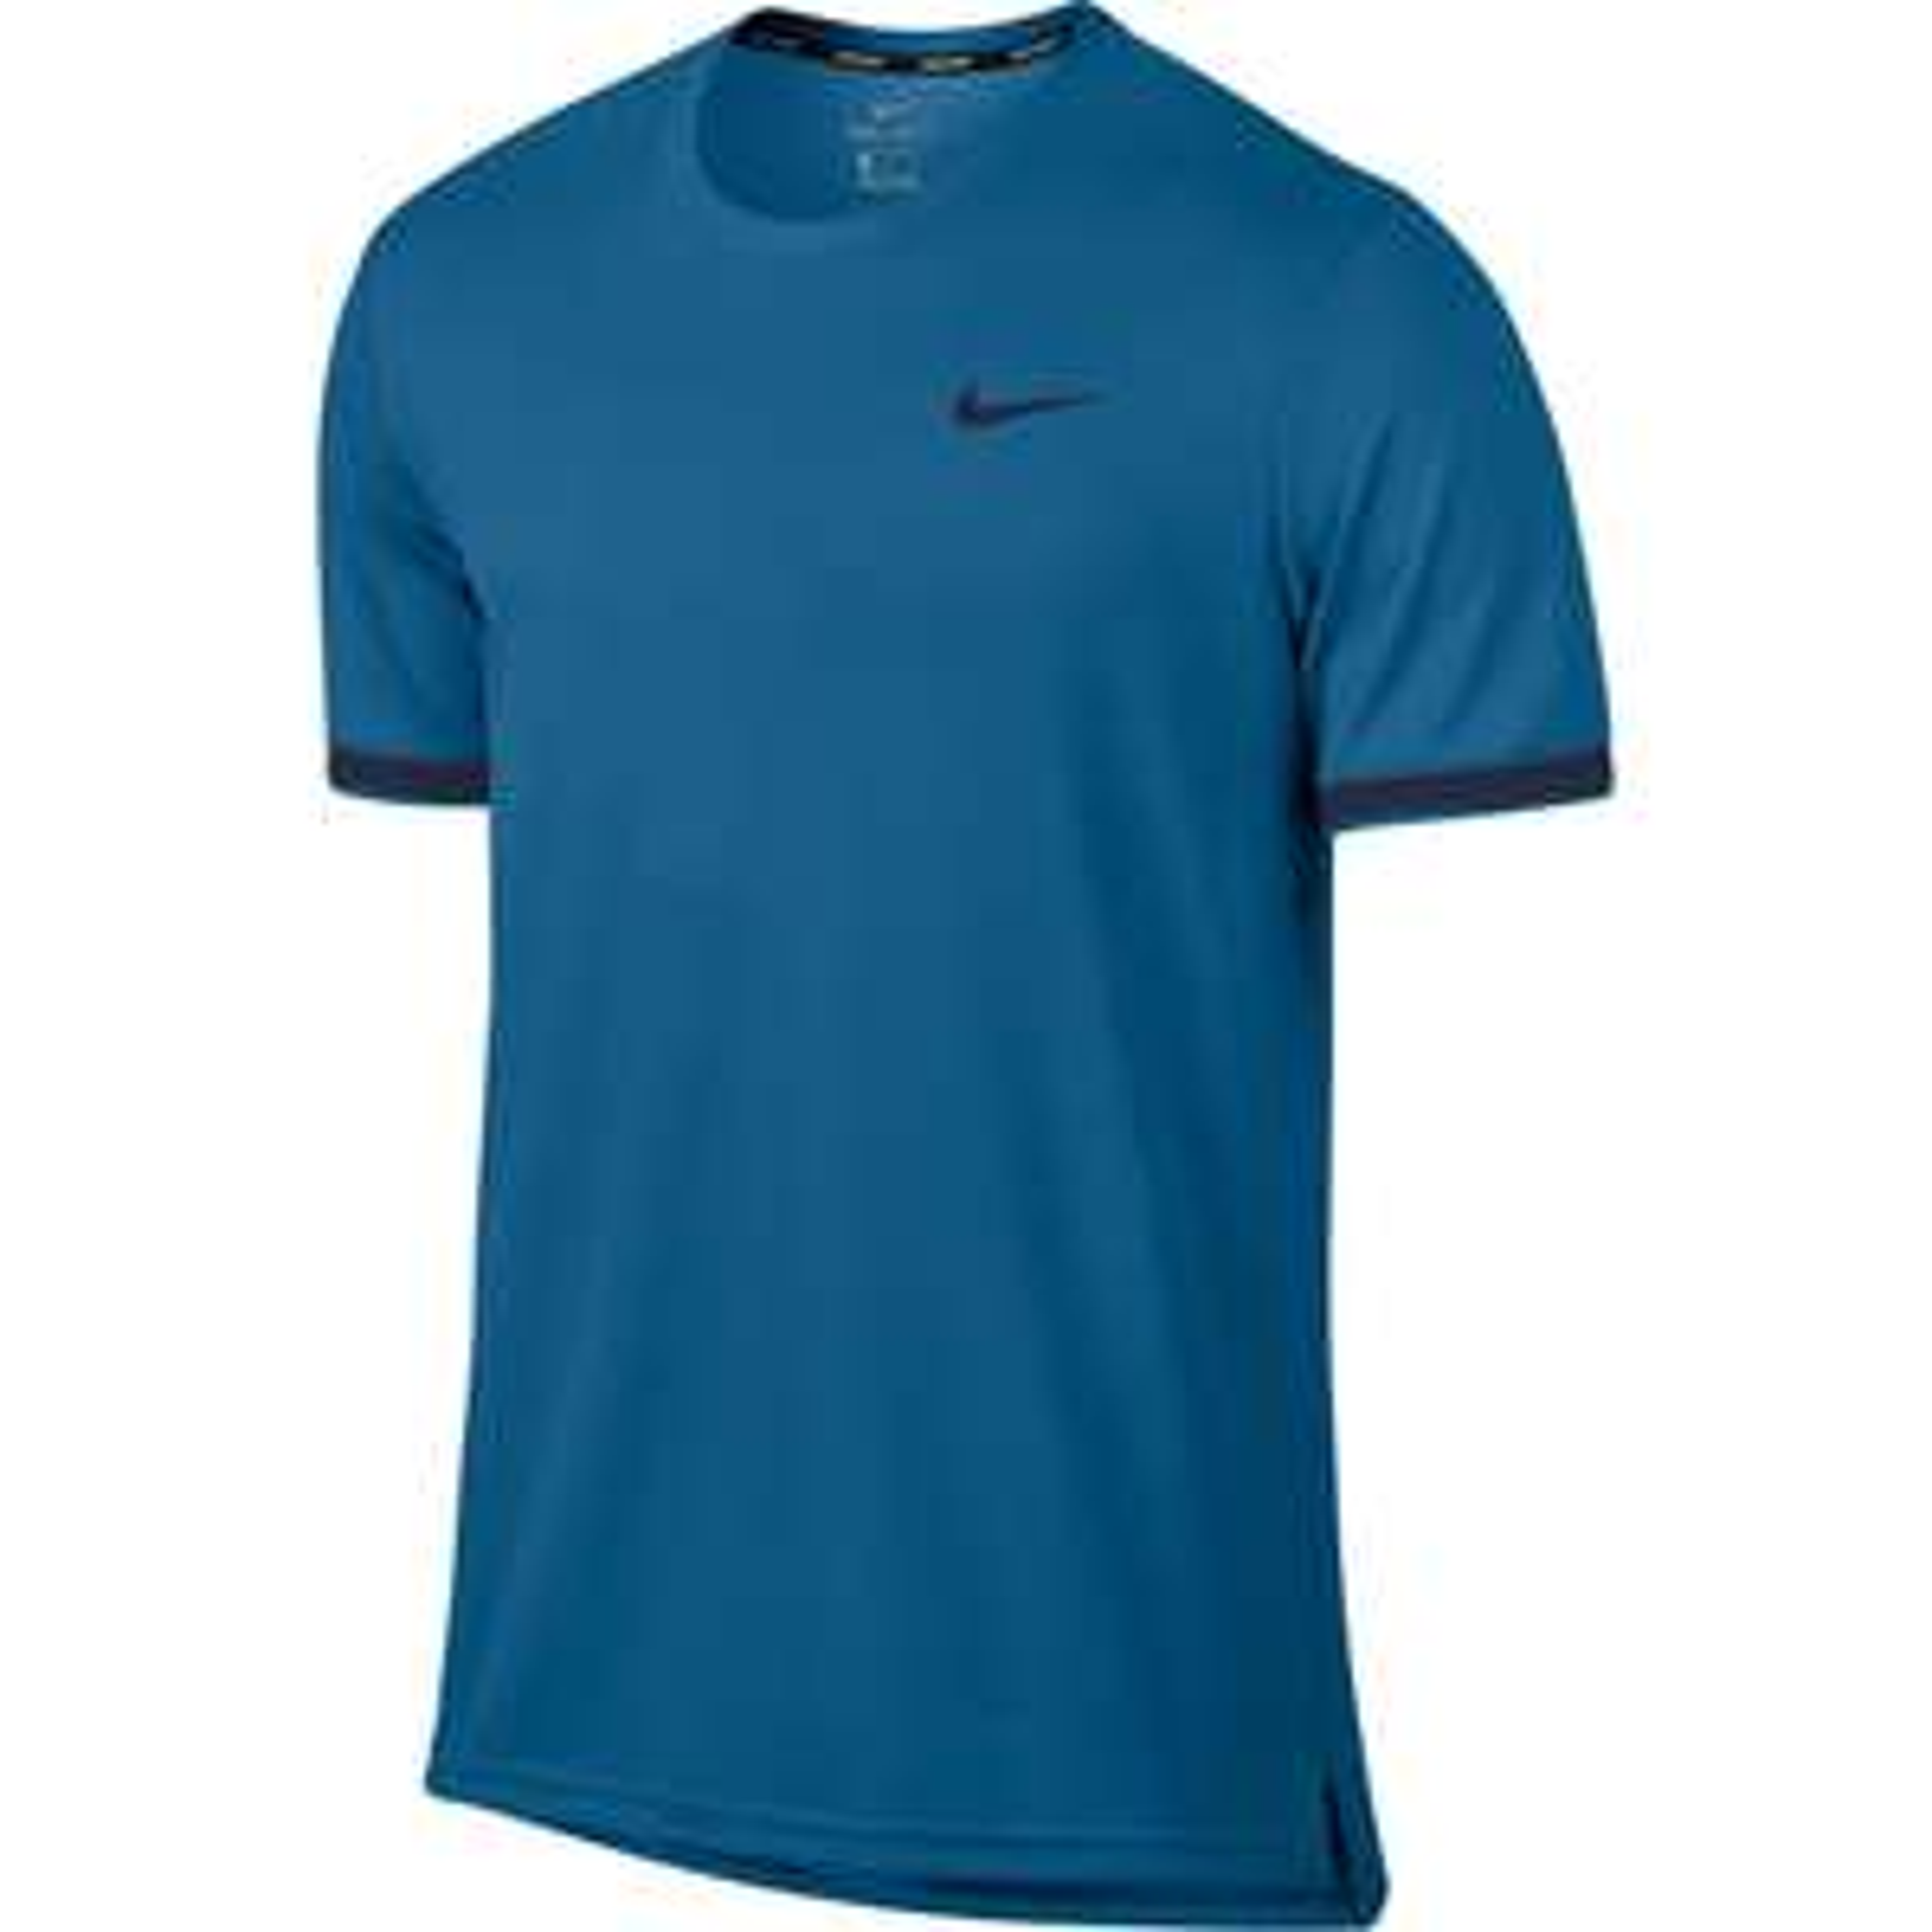 Nike Court Dry T-Shirt in blau (Gr. M - XL) bei Decathlon für 14,99€ mit Filialabholung